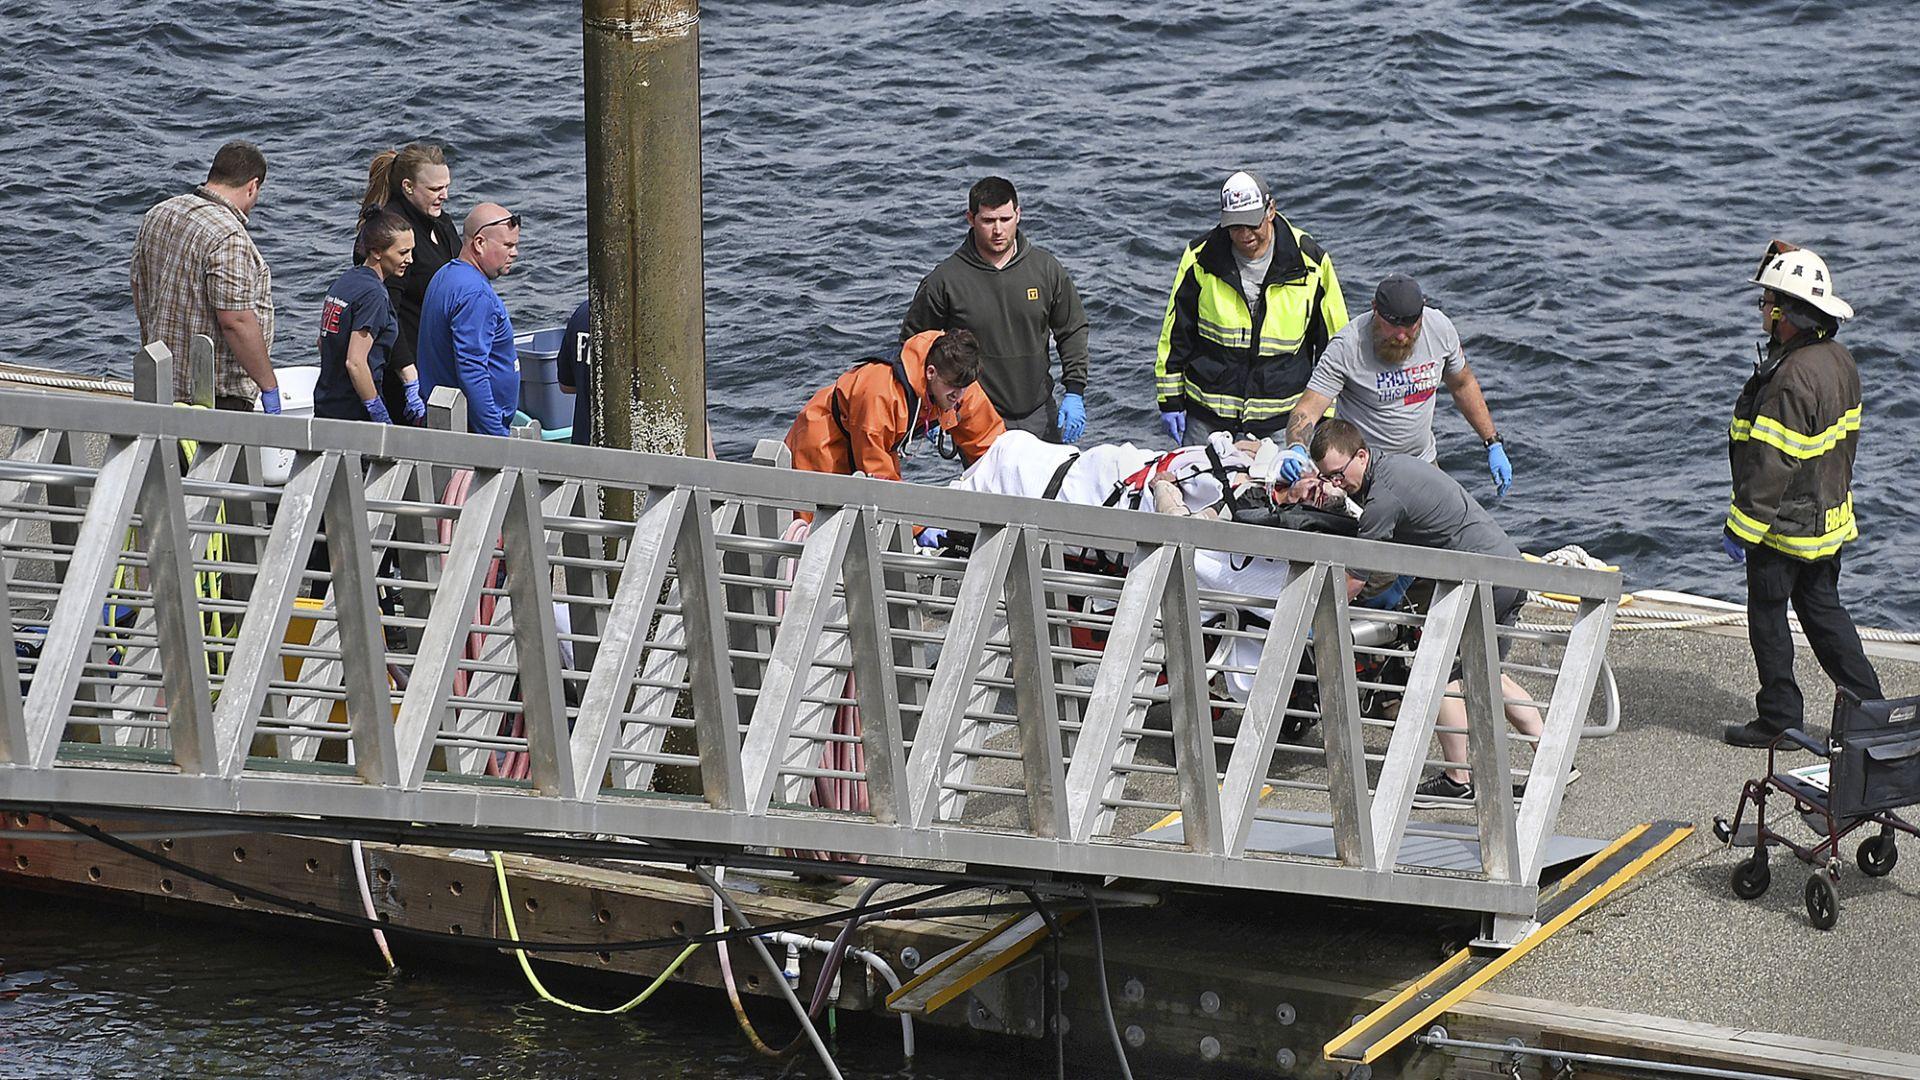 Петима загинаха при сблъсък на два хидроплана край Аляска